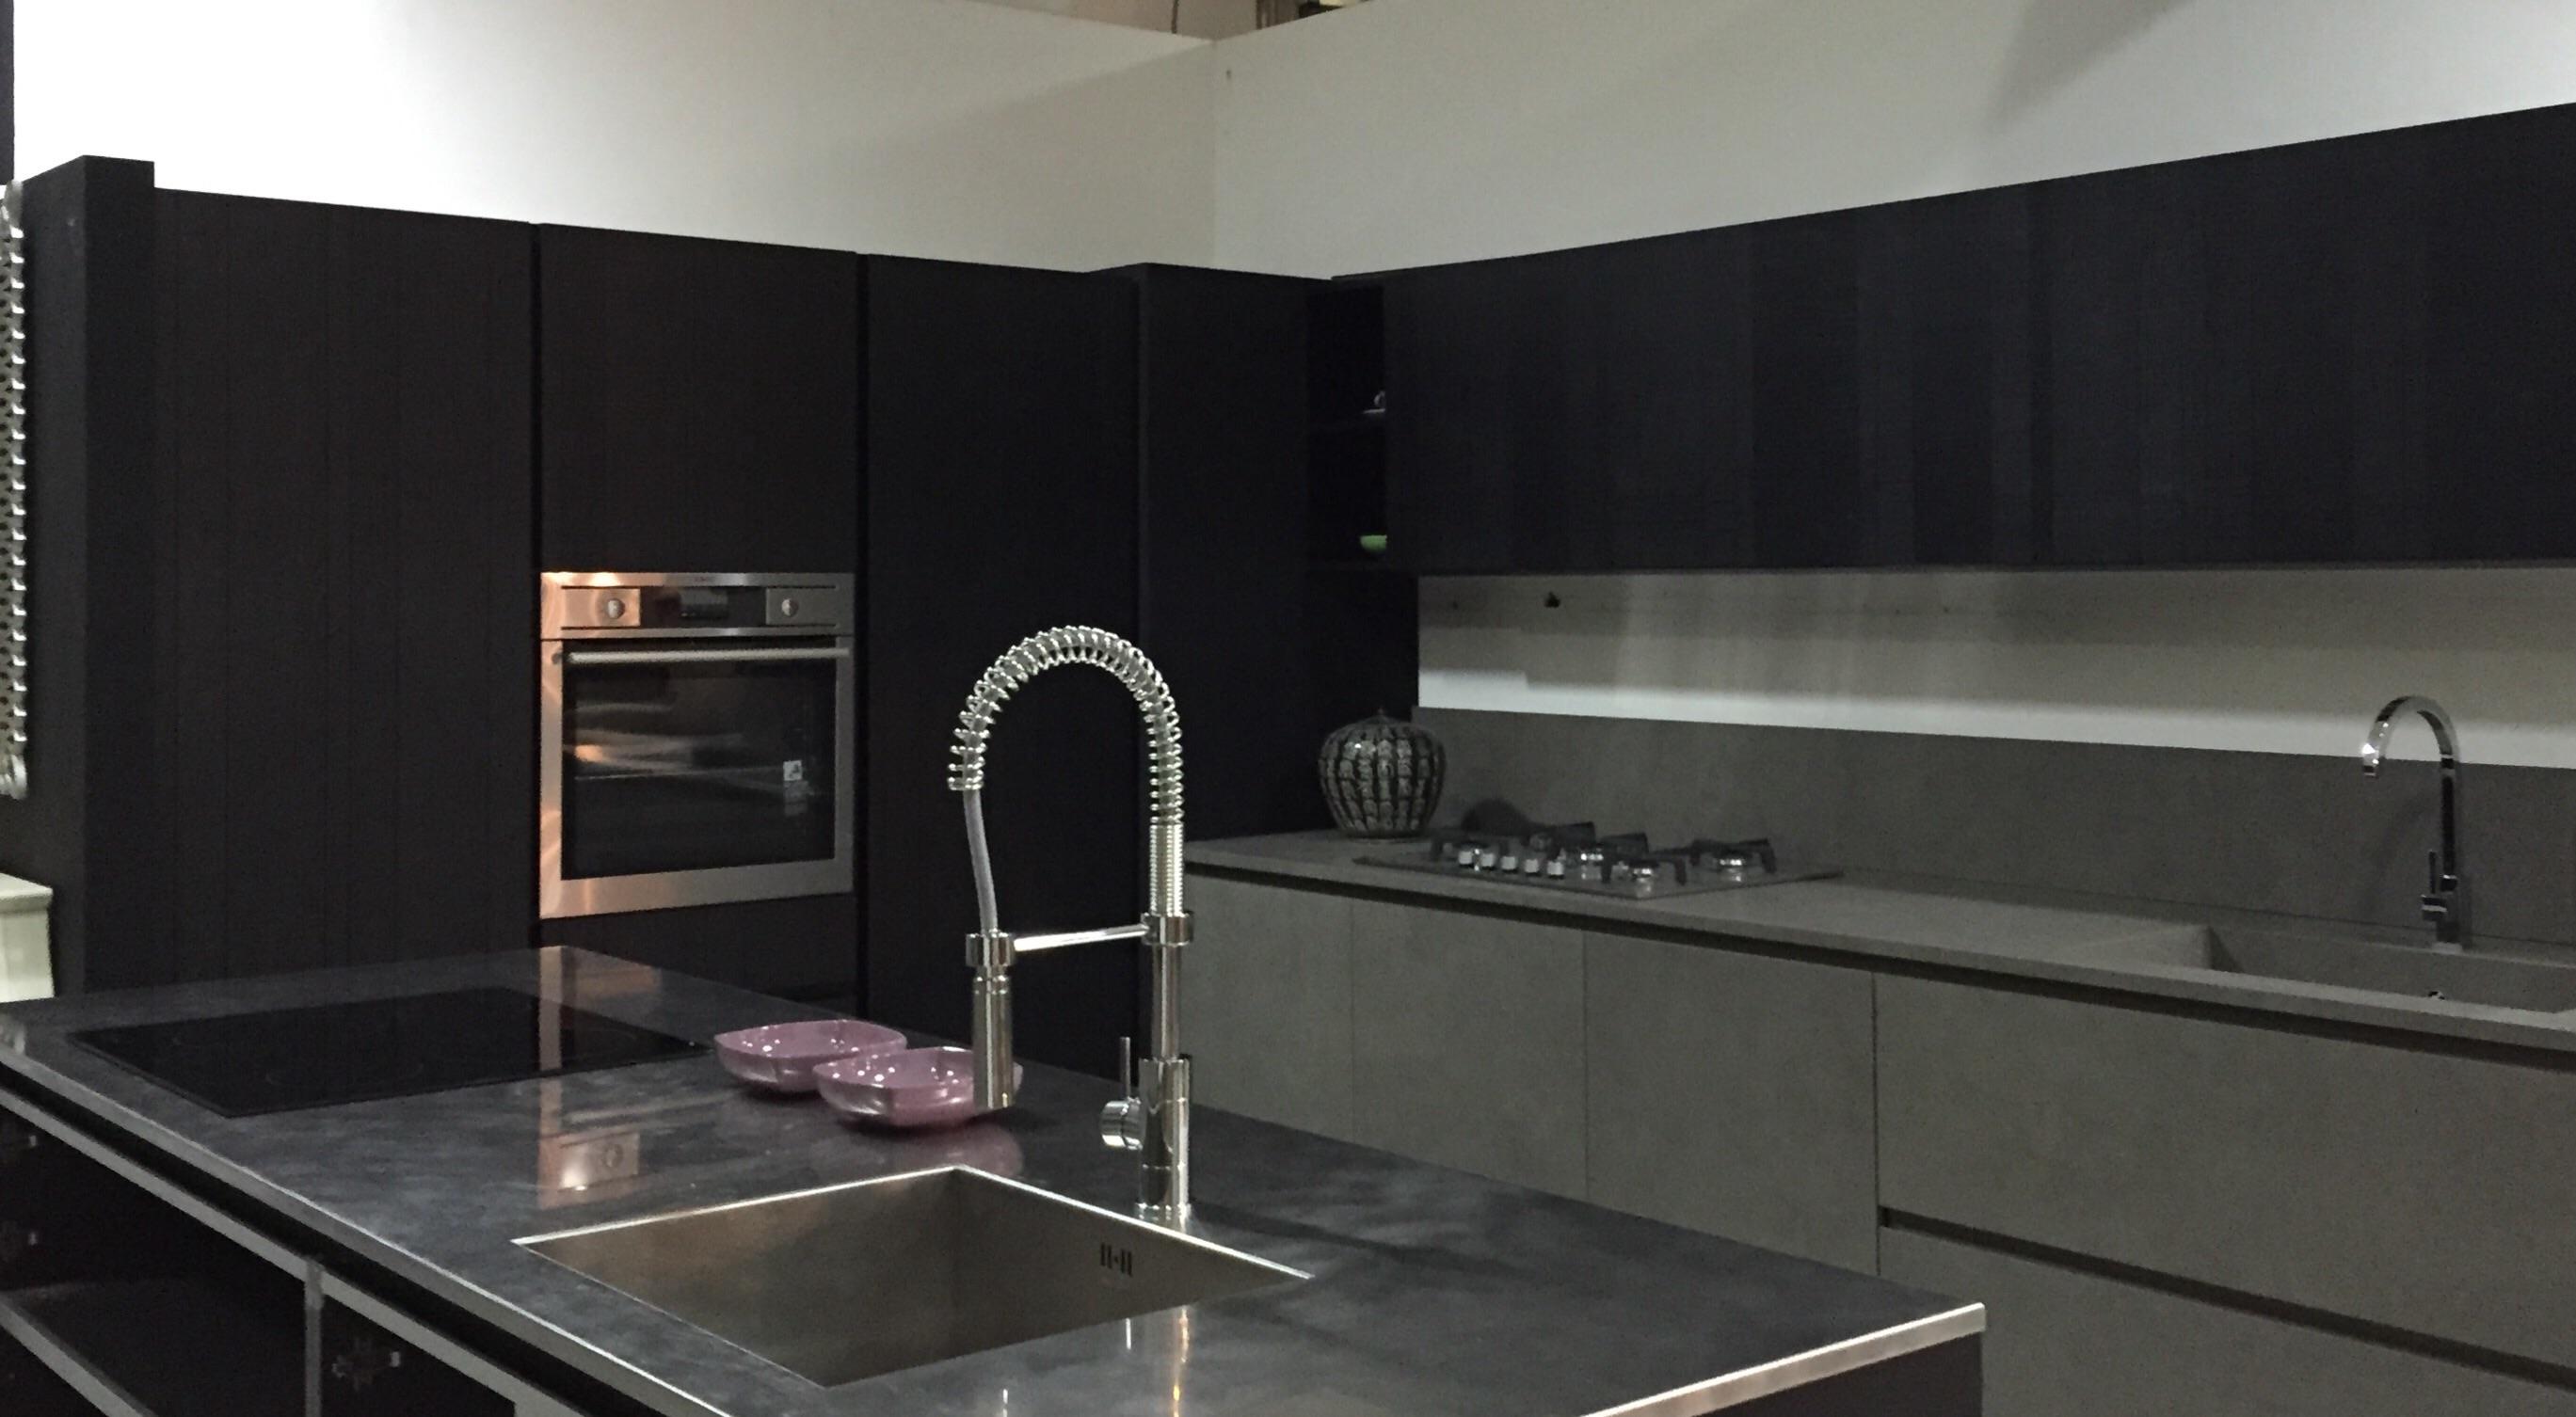 Cucina zampieri cucine glasstone y scontato del 45 for Zoccolo cucina ikea